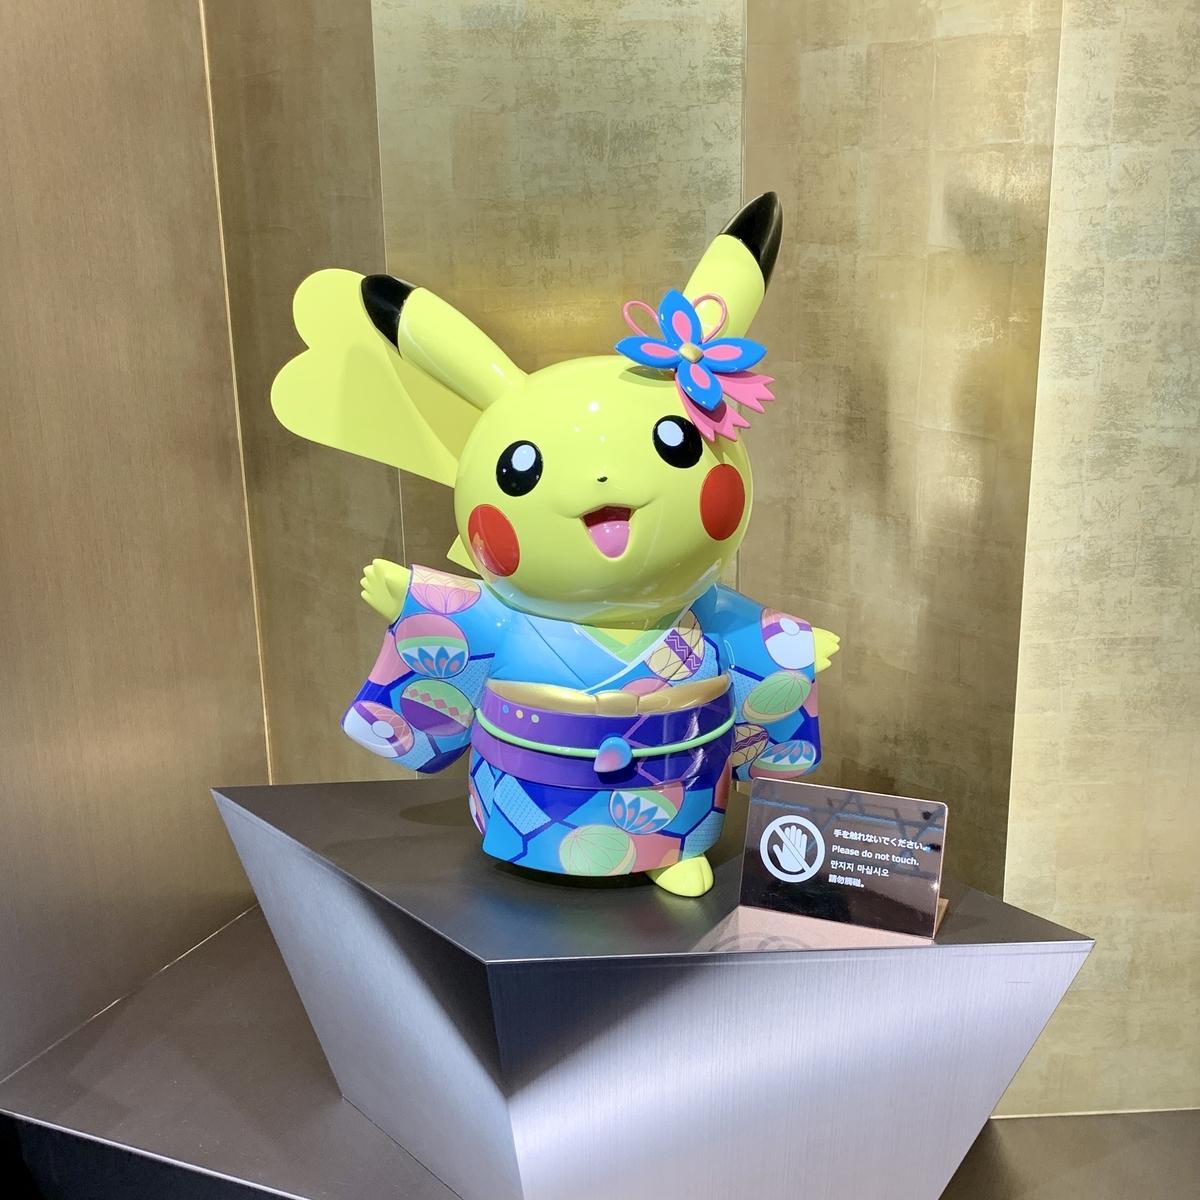 f:id:pikachu_pcn:20210815152201j:plain